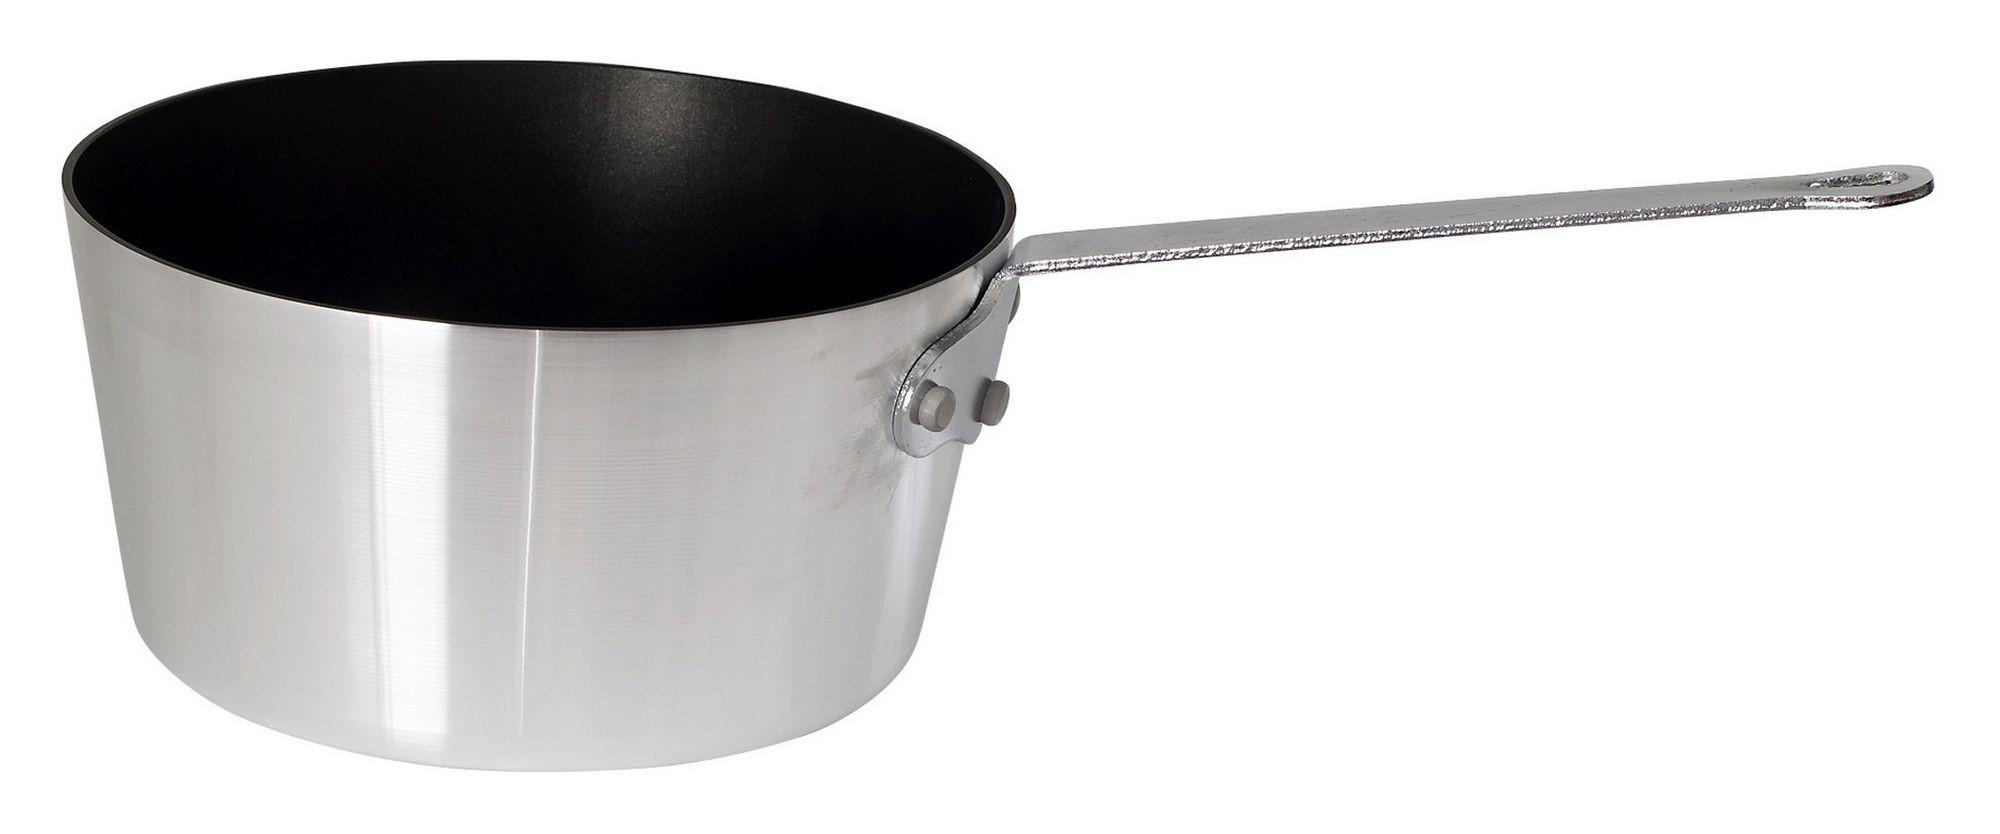 Winco ASP-4NS Heavy Duty Non-Stick Aluminum Sauce Pan, 4 1/4 Qt.